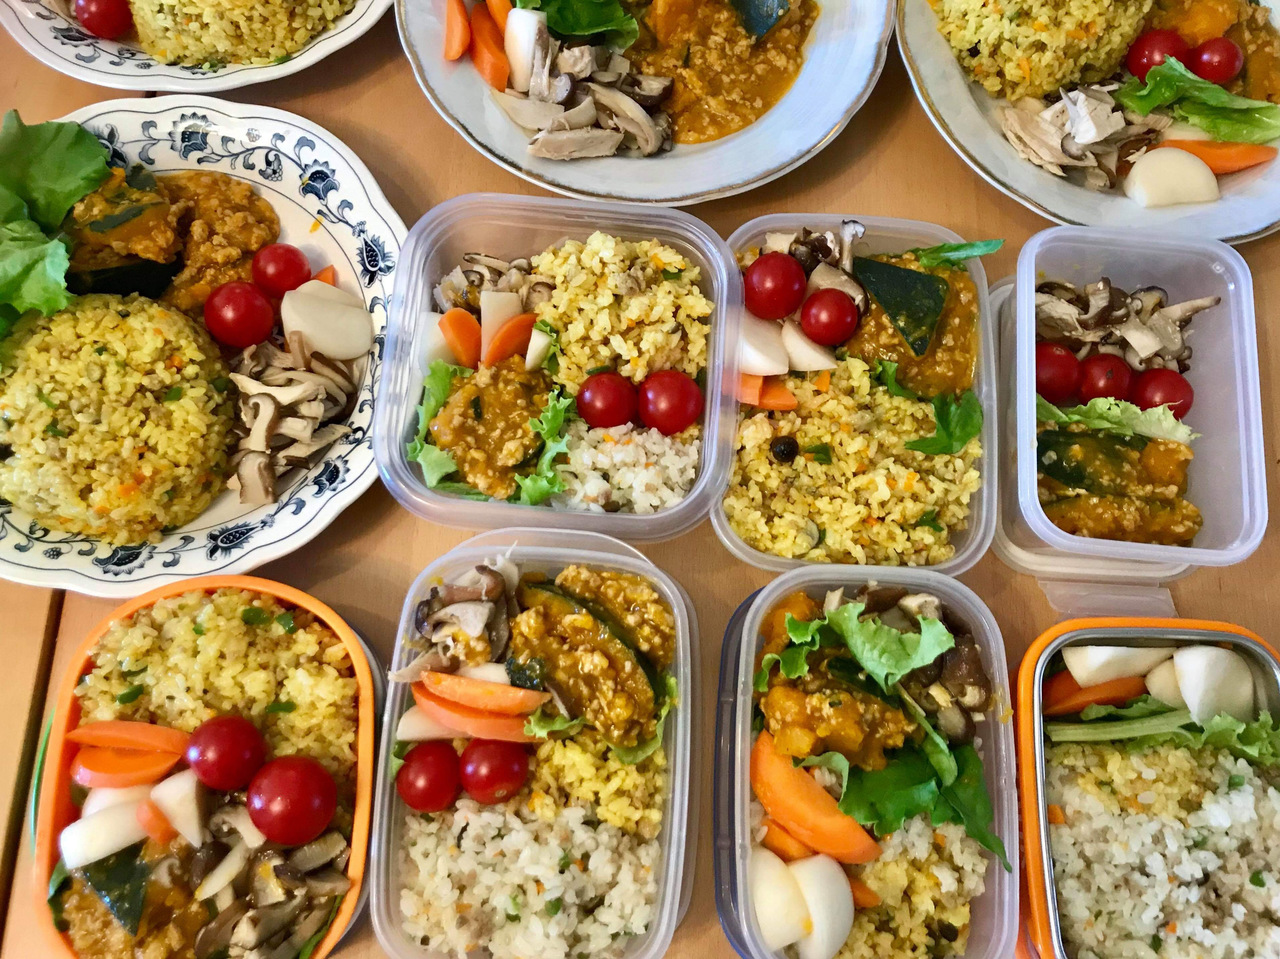 秦さんの調理実習「ご飯の仕度が楽になる・冷凍庫貯金」①